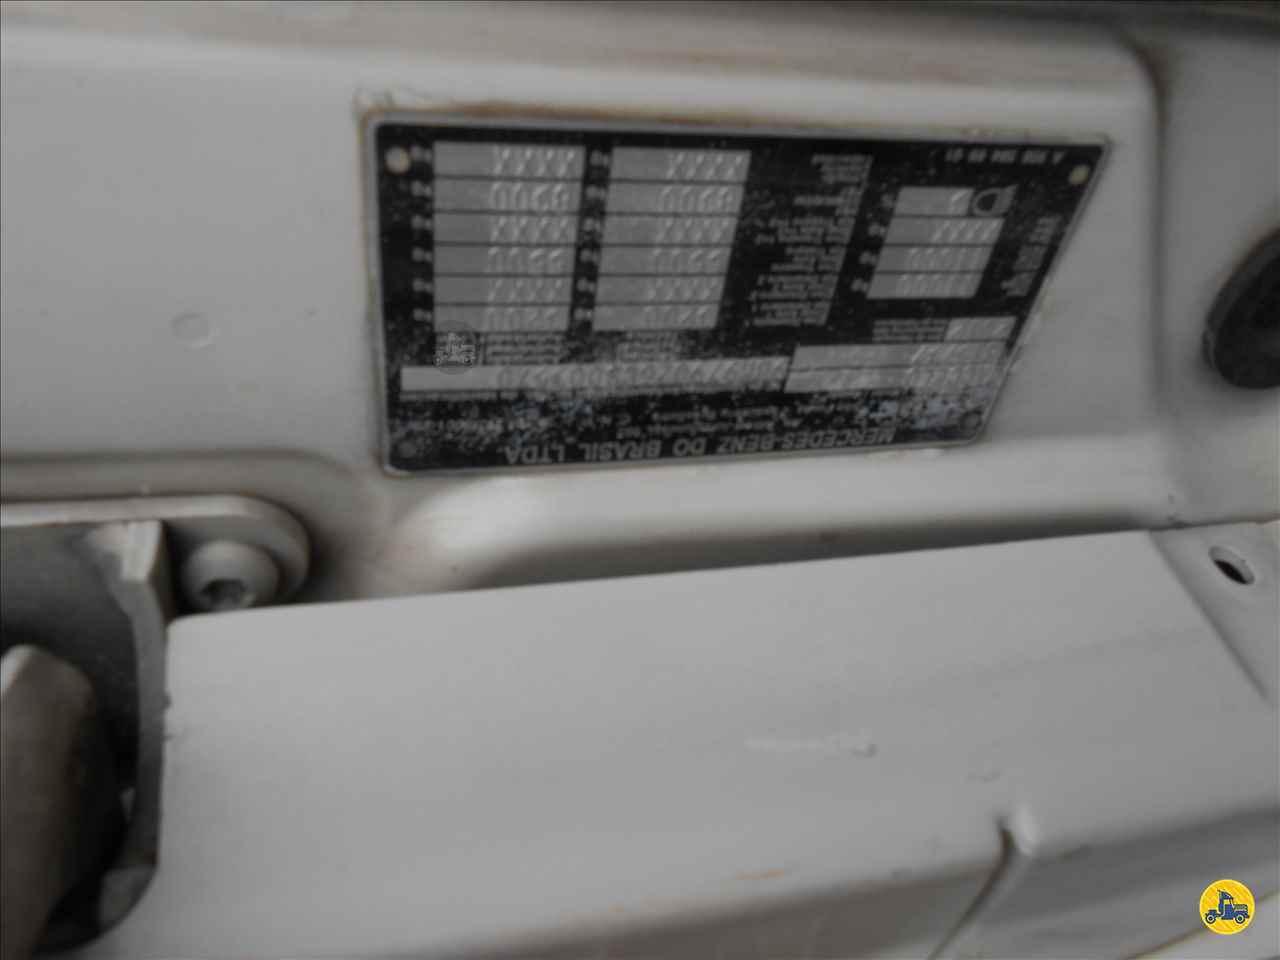 MERCEDES-BENZ MB 815 337000km 2012/2012 Vieira Caminhões